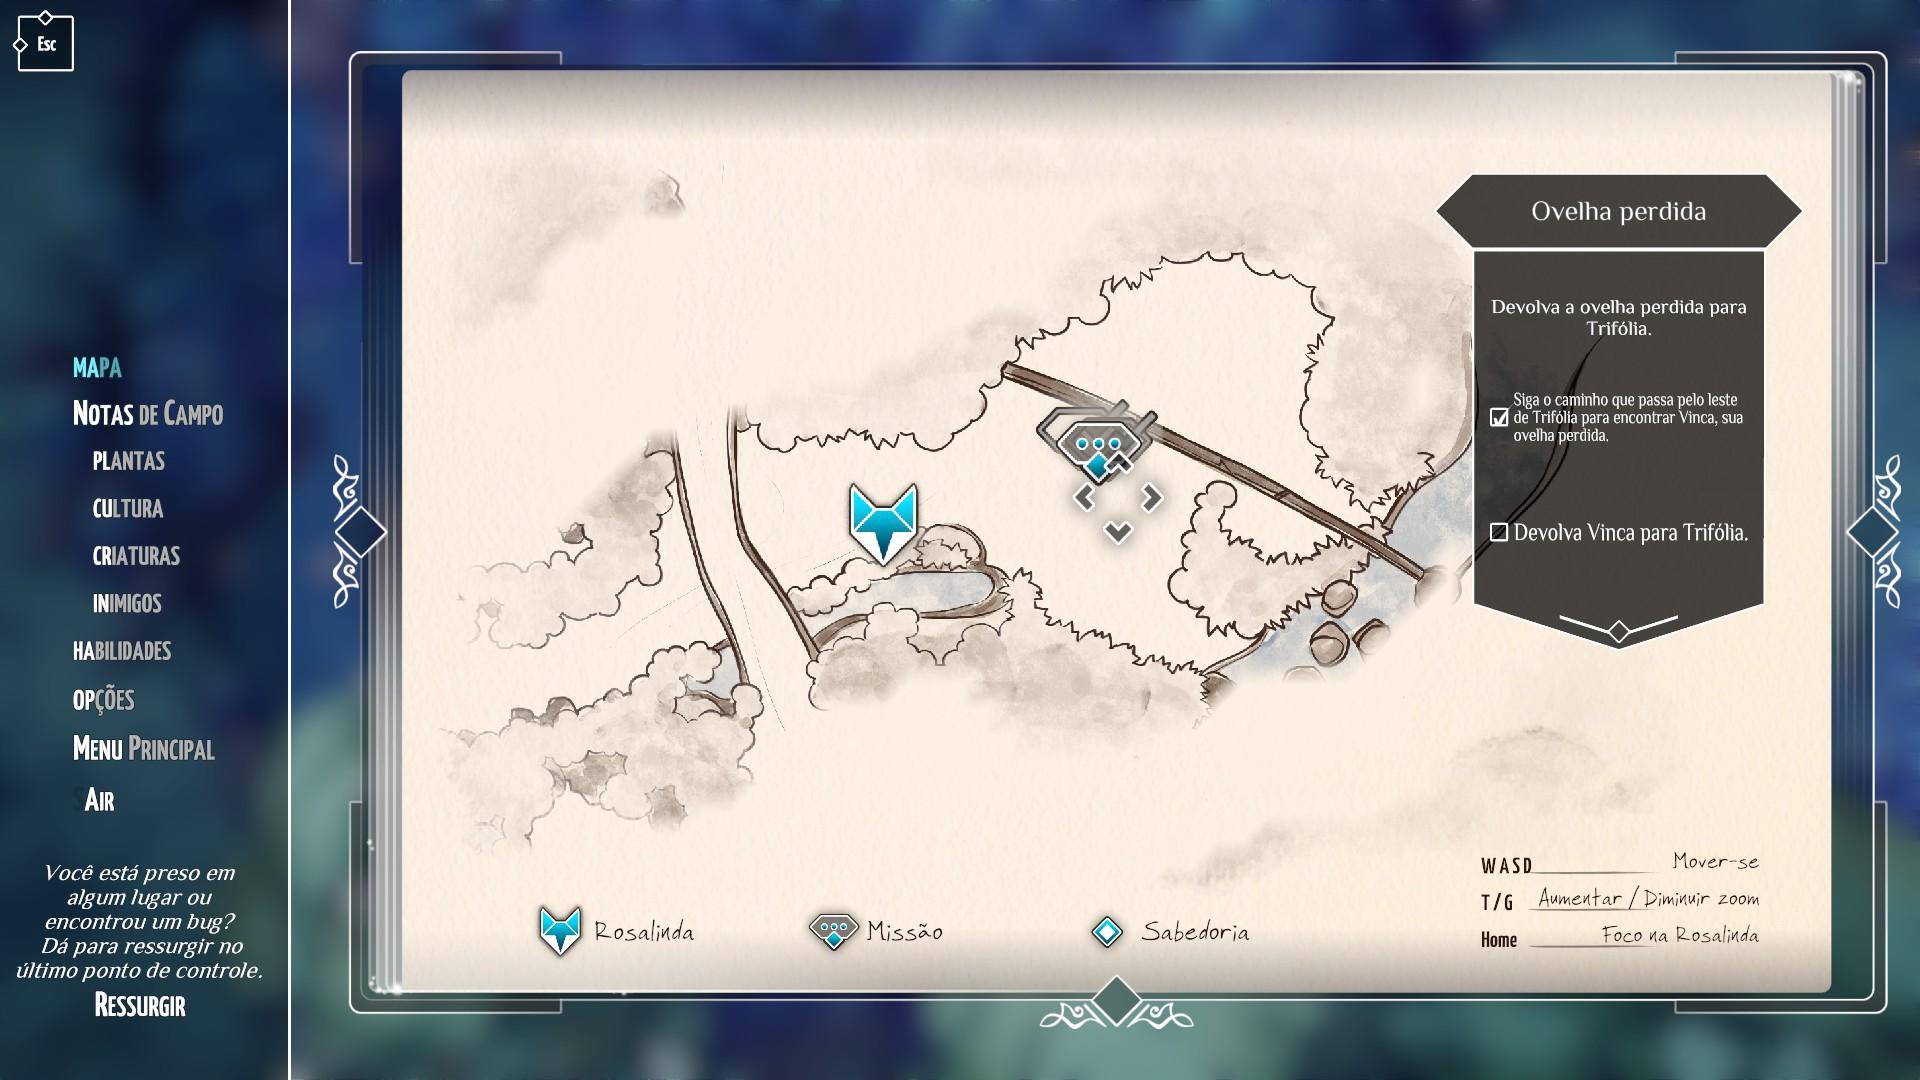 O botão de Ressurgir, em caso de bugs críticos, no canto da tela.